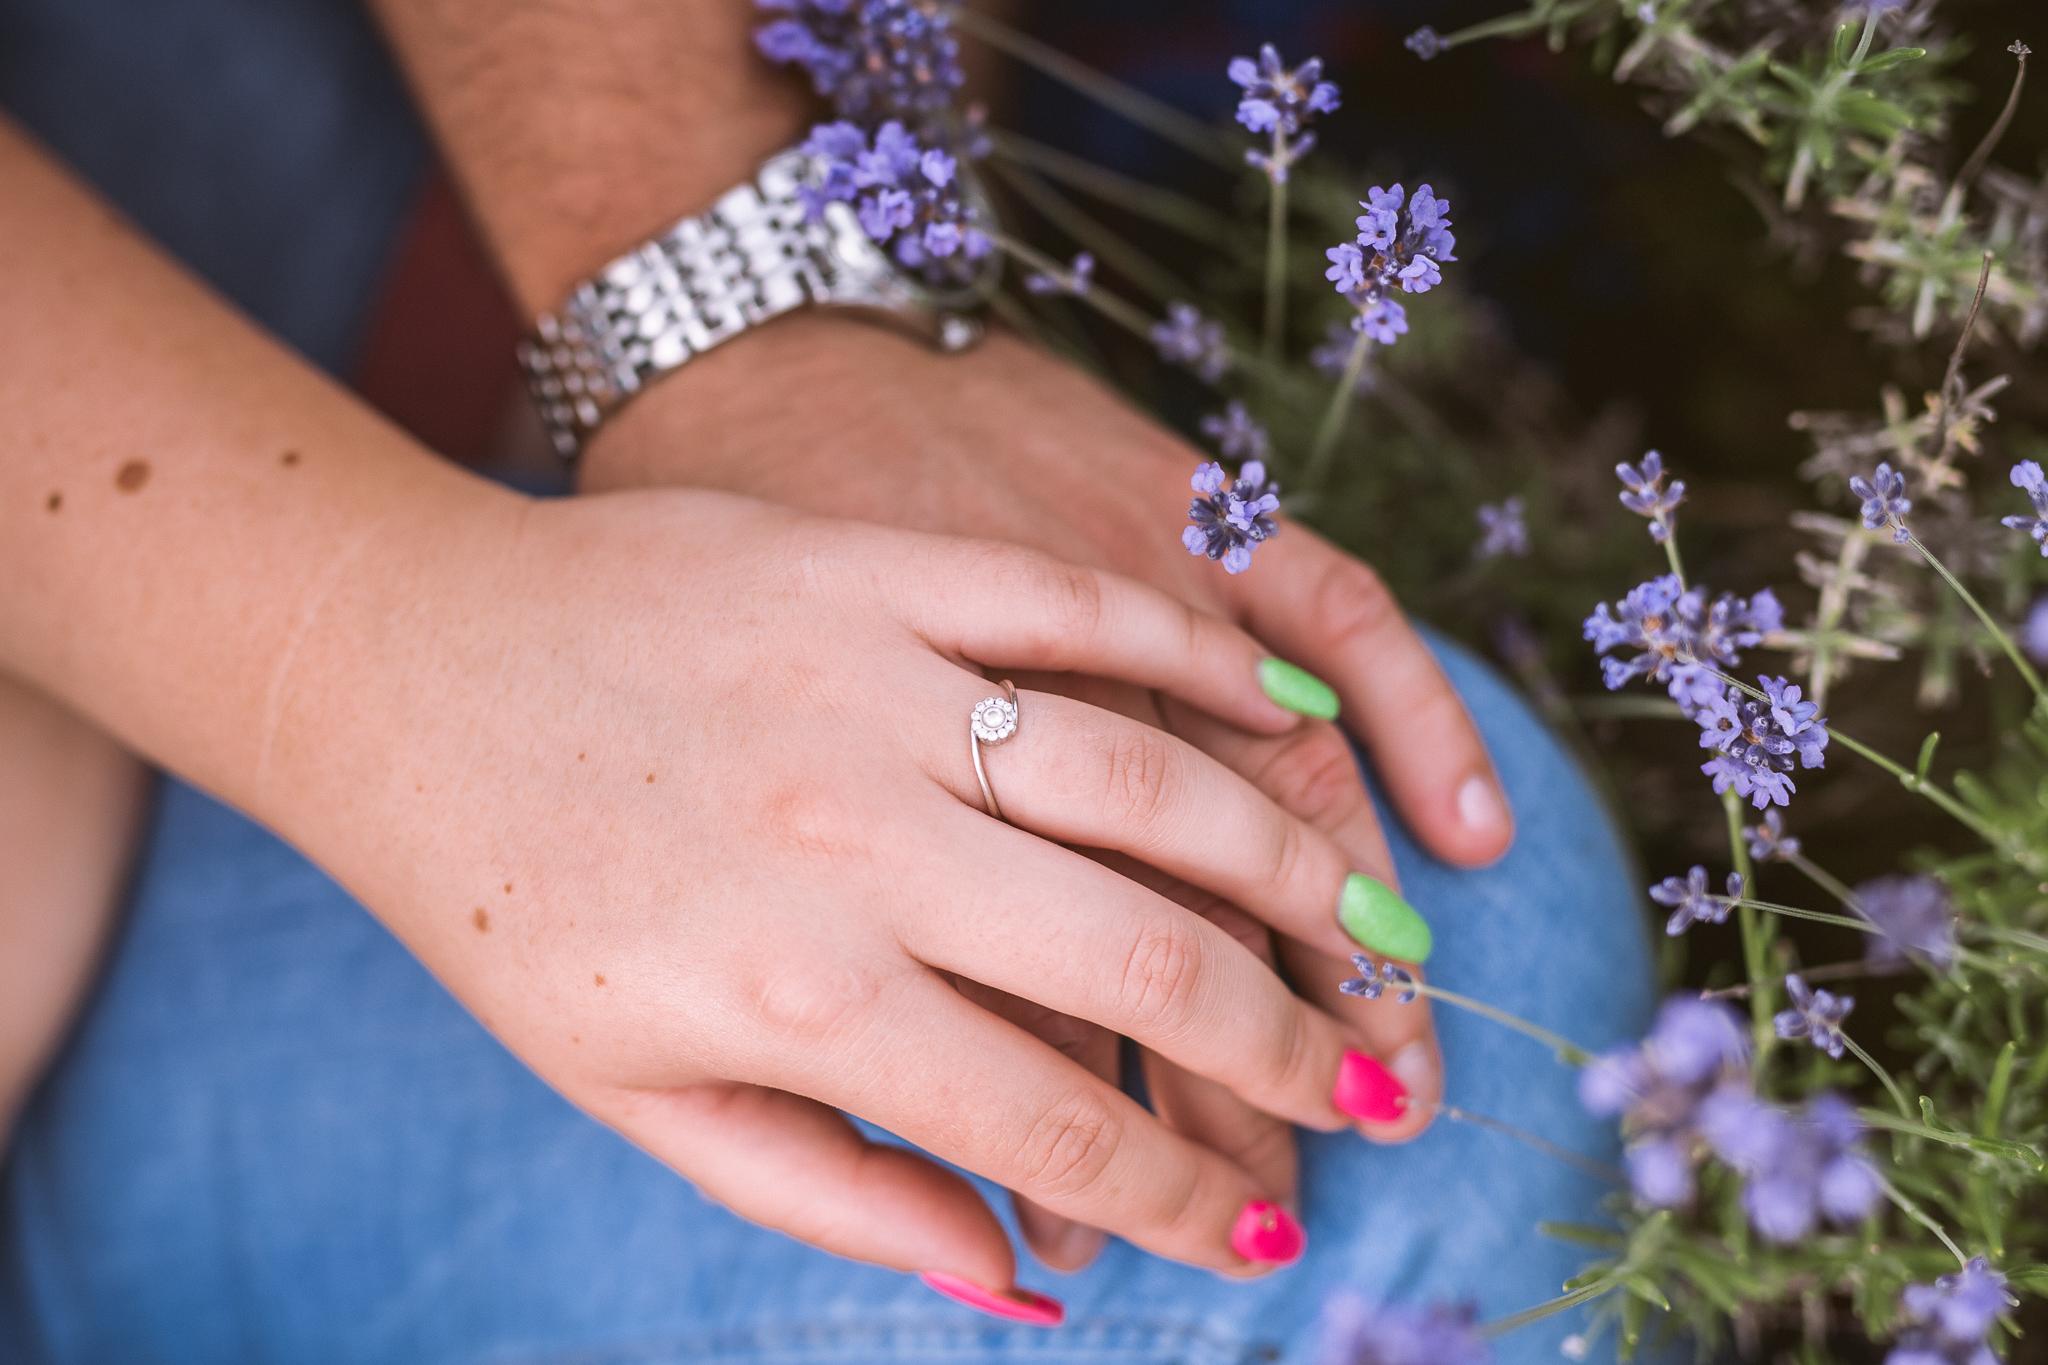 FylepPhoto, esküvőfotózás, magyarország, esküvői fotós, vasmegye, prémium, jegyesfotózás, Fülöp Péter, körmend, kreatív 12.jpg